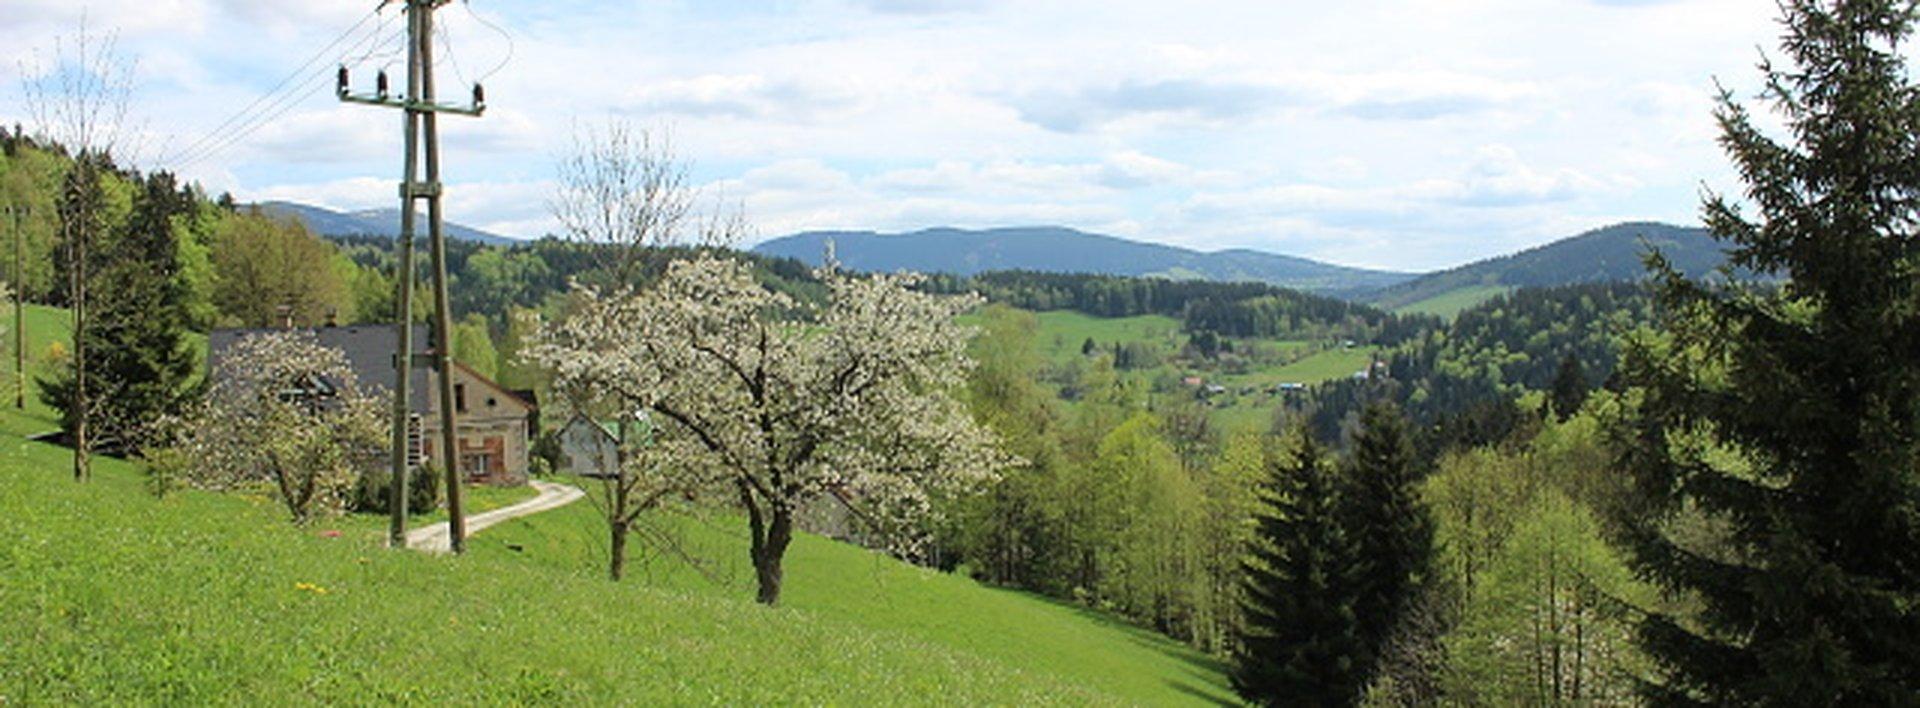 Prodej slunného pozemku Paseky nad Jizerou,Krkonoše., Ev.č.: N47239